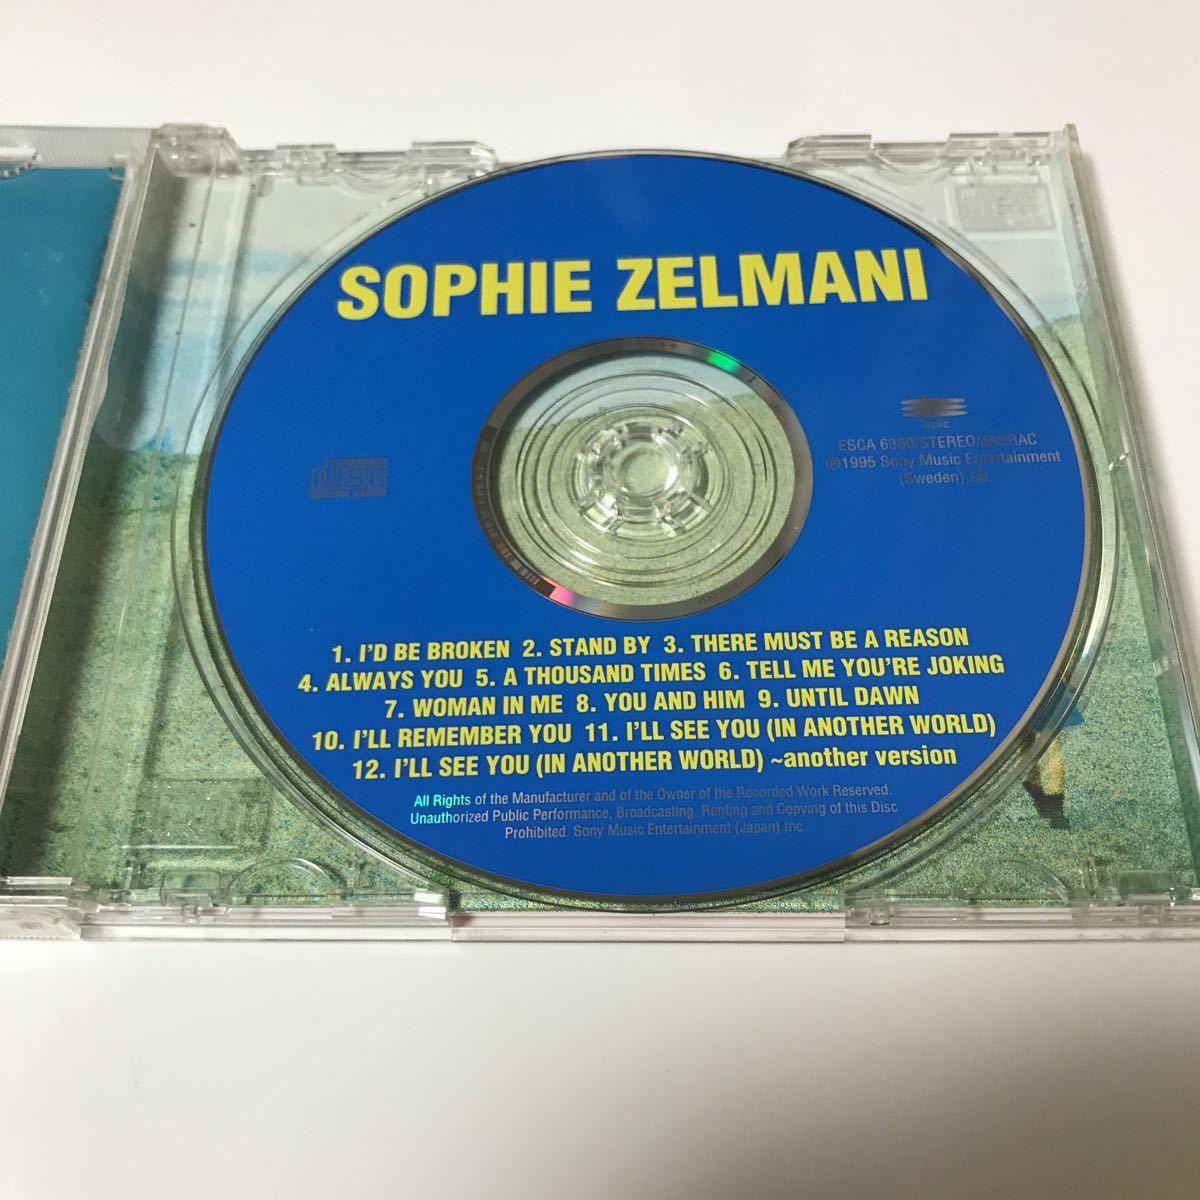 ソフィー・セルマーニ SOPHIE ZELMANI 日本盤全12曲収録 CDアルバム_画像3